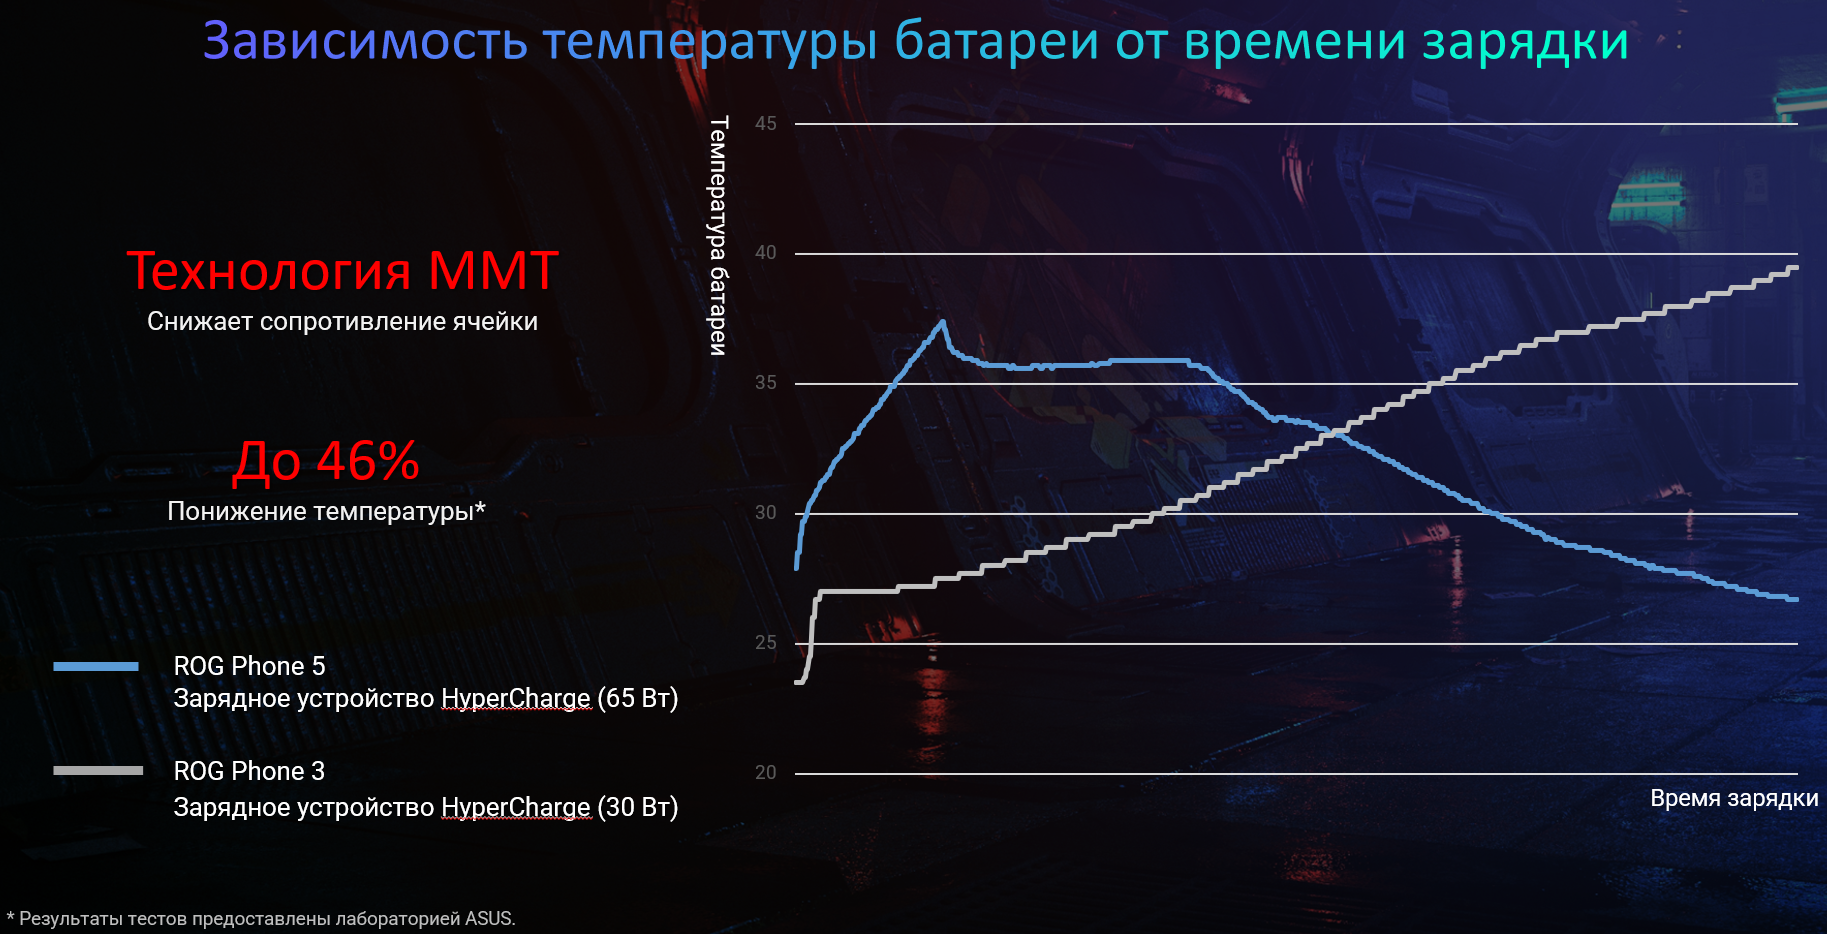 Зависимость температуры батареи ROG Phone 5 от времени зарядки